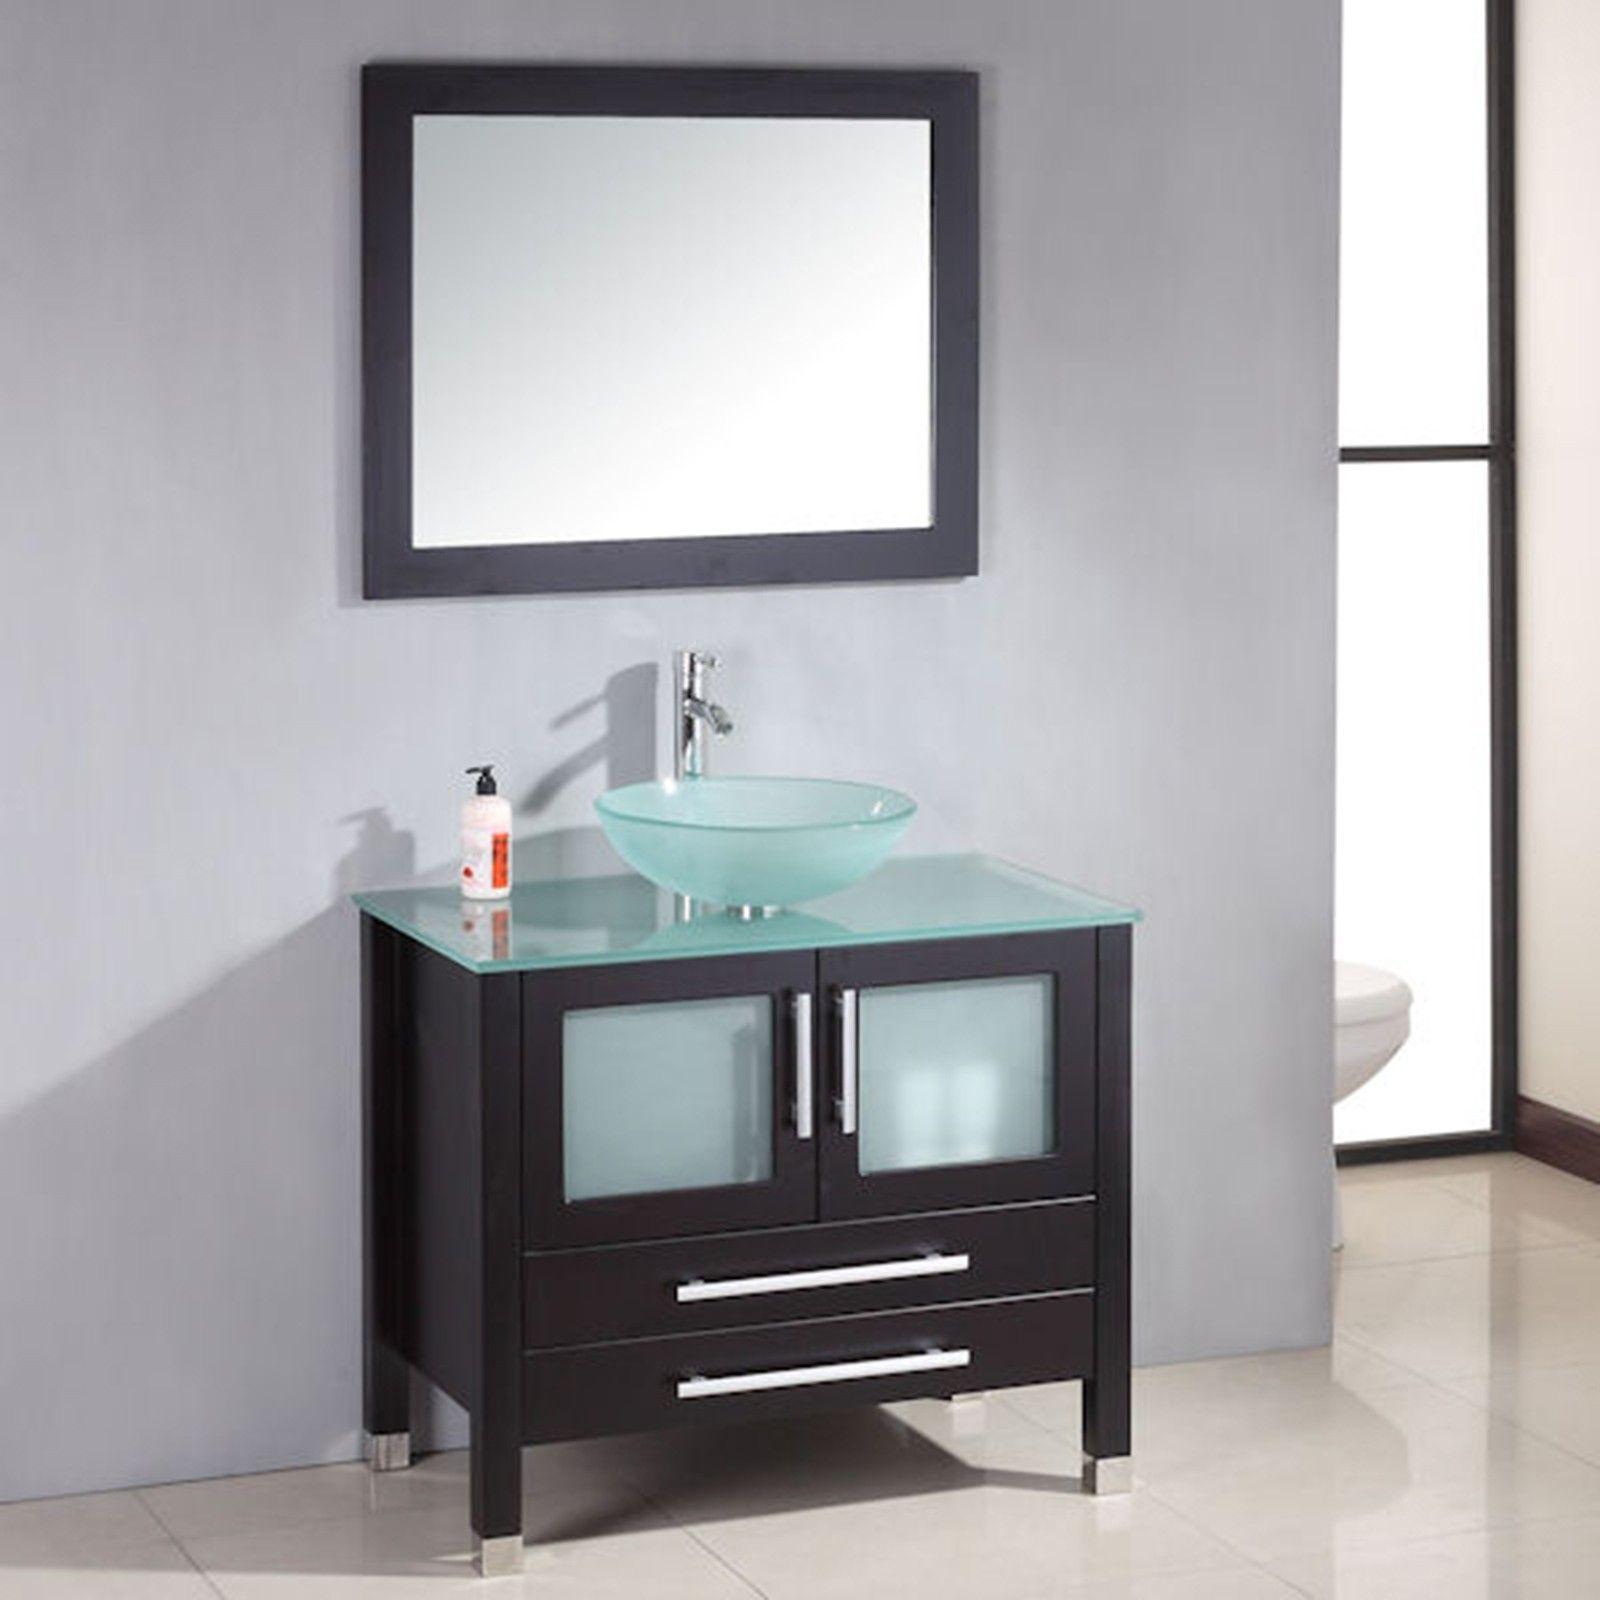 36 inch Wood & Glass Vessel Sink Bathroom Vanity Set, | Main ...